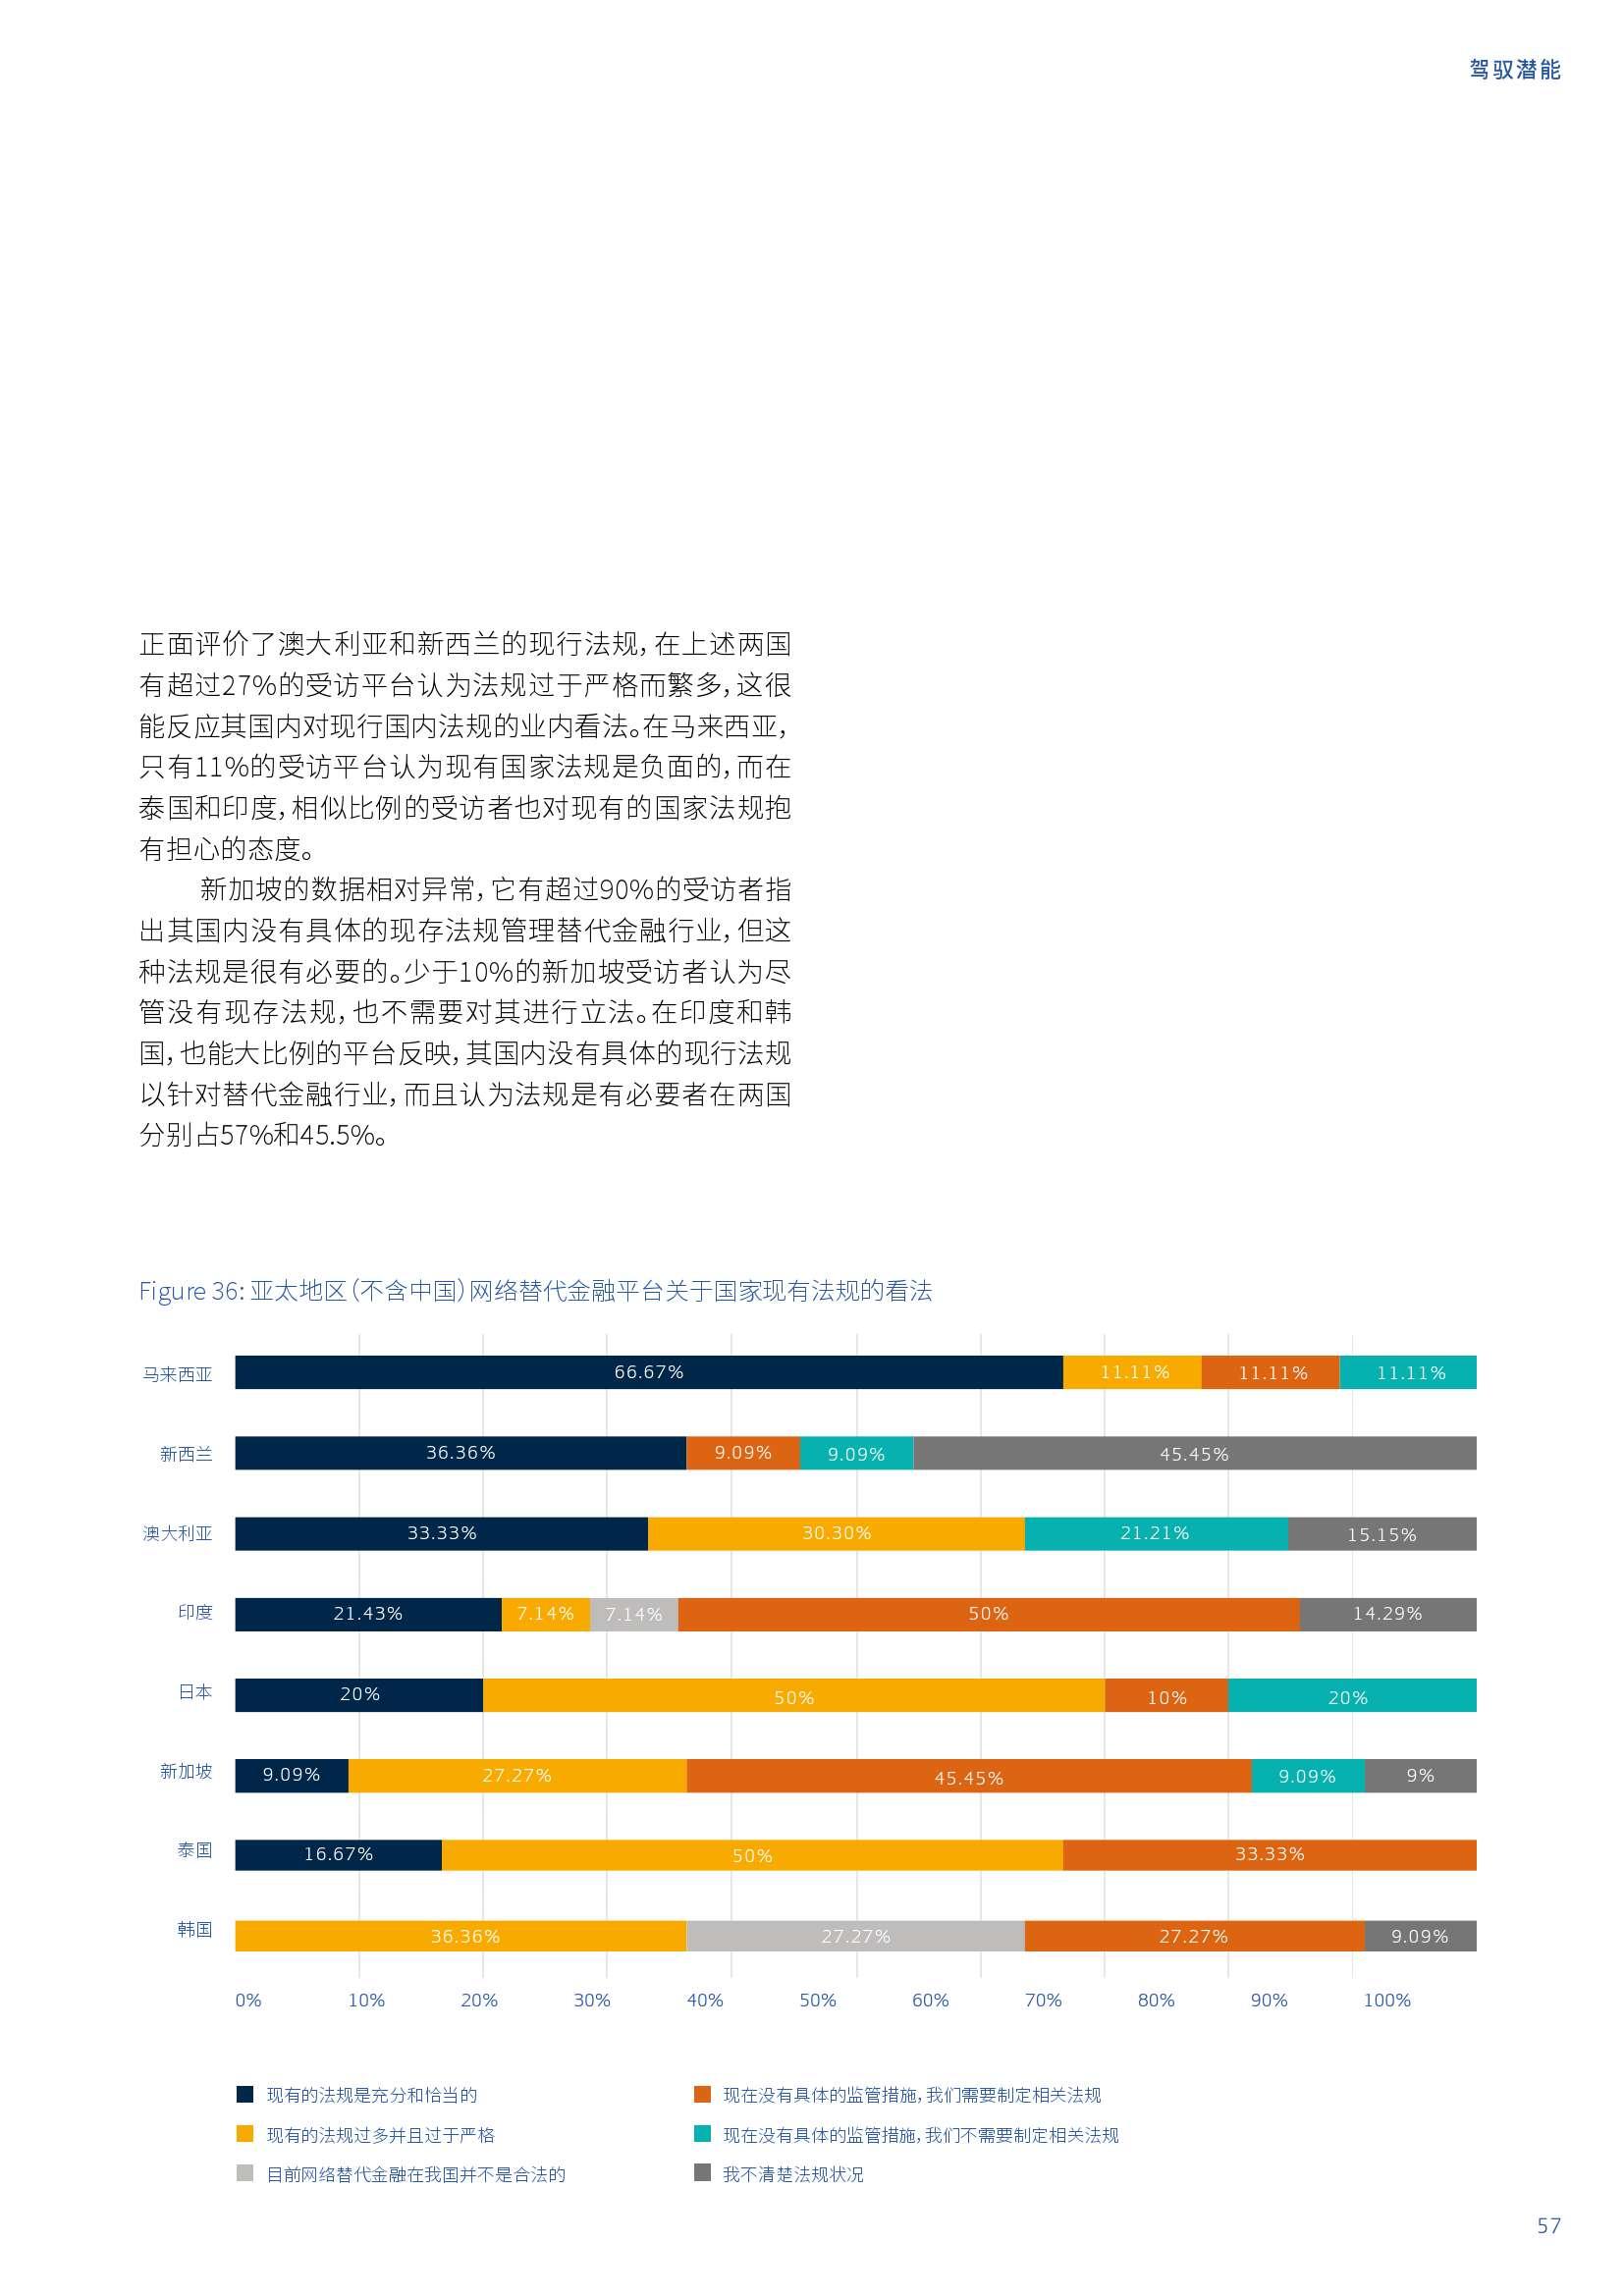 亚太地区网络替代金融基准报告_000057